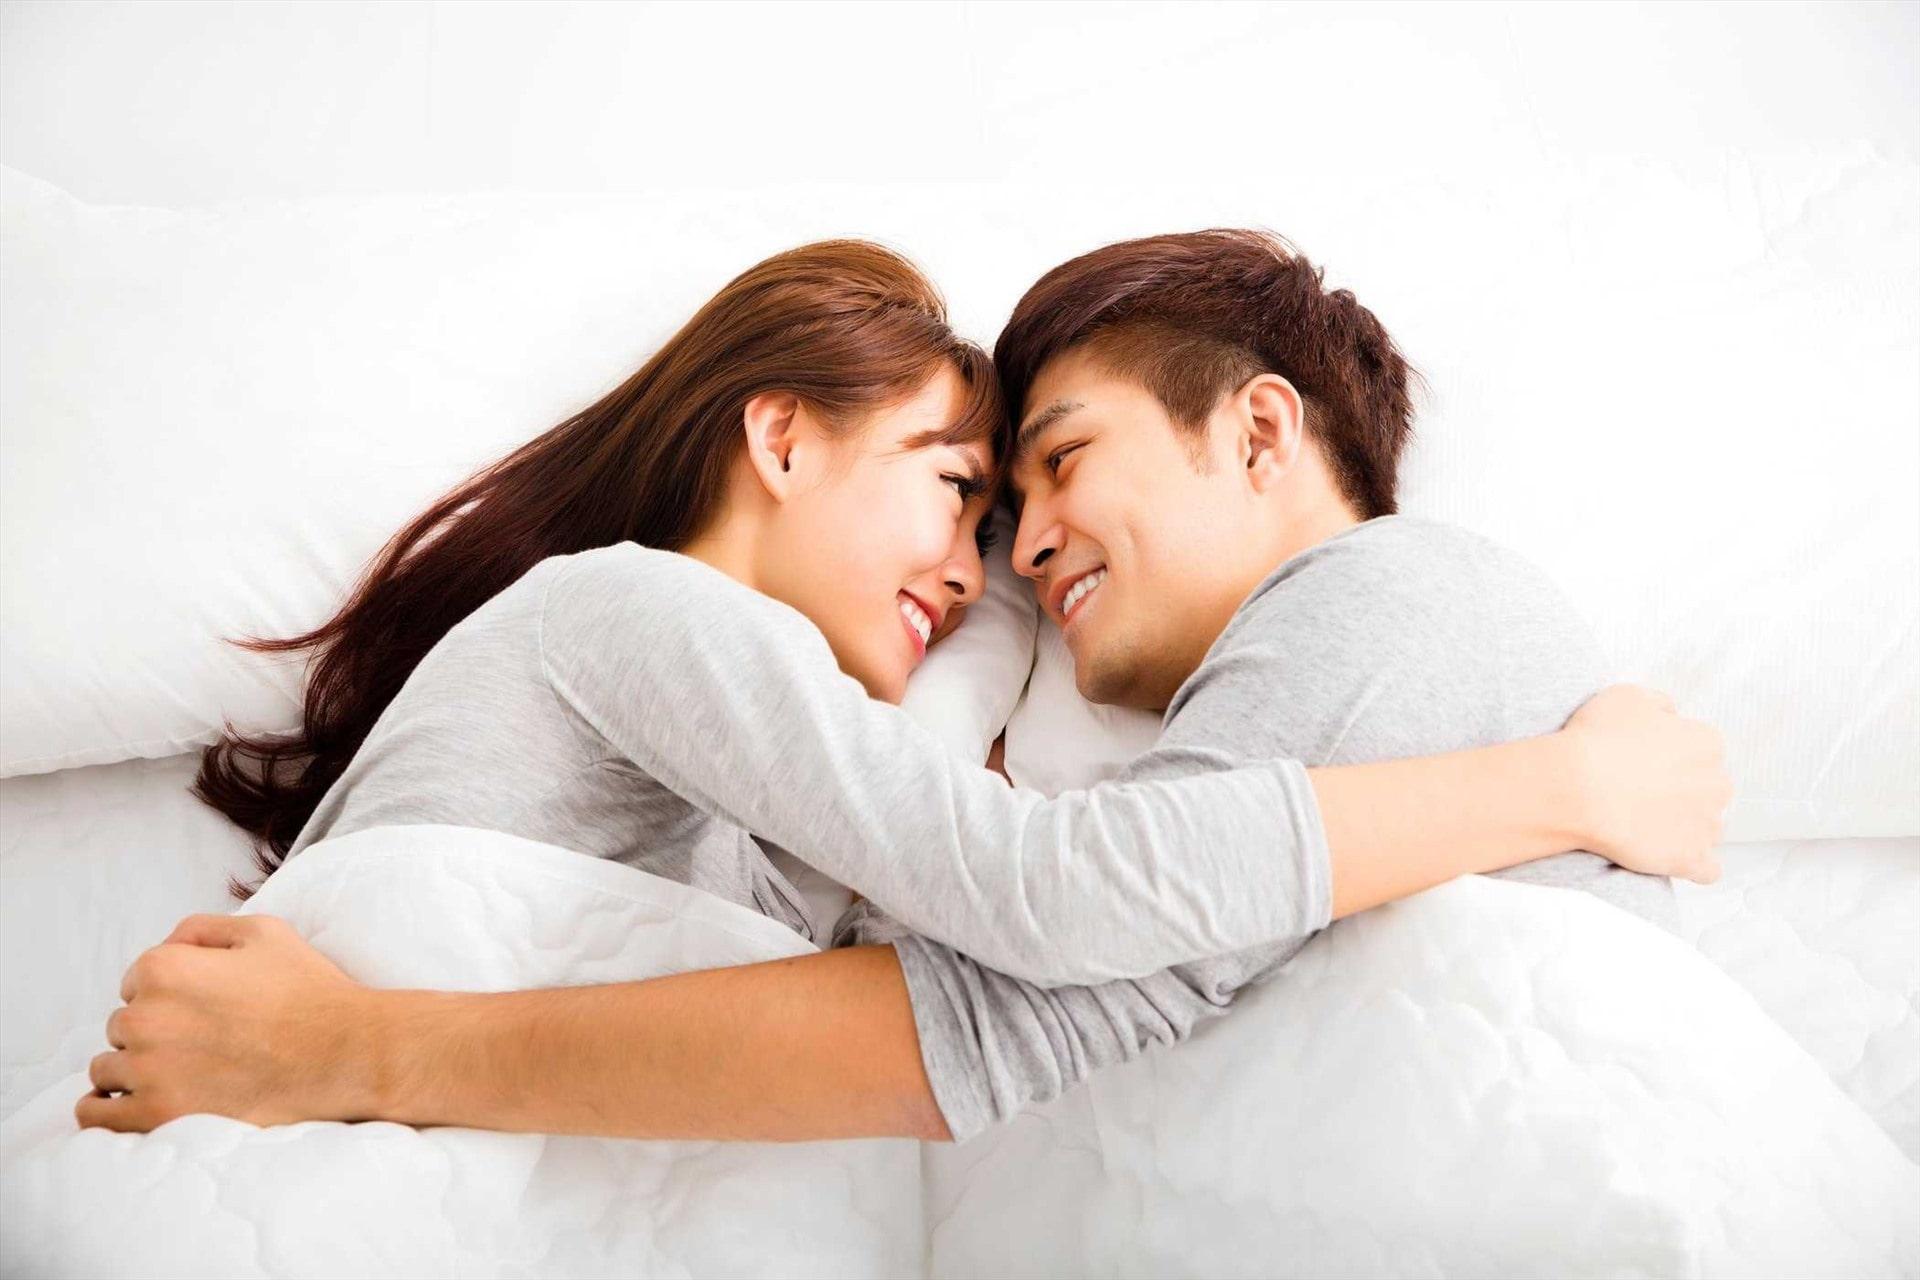 Bí quyết giữ lửa hôn nhân là gì?